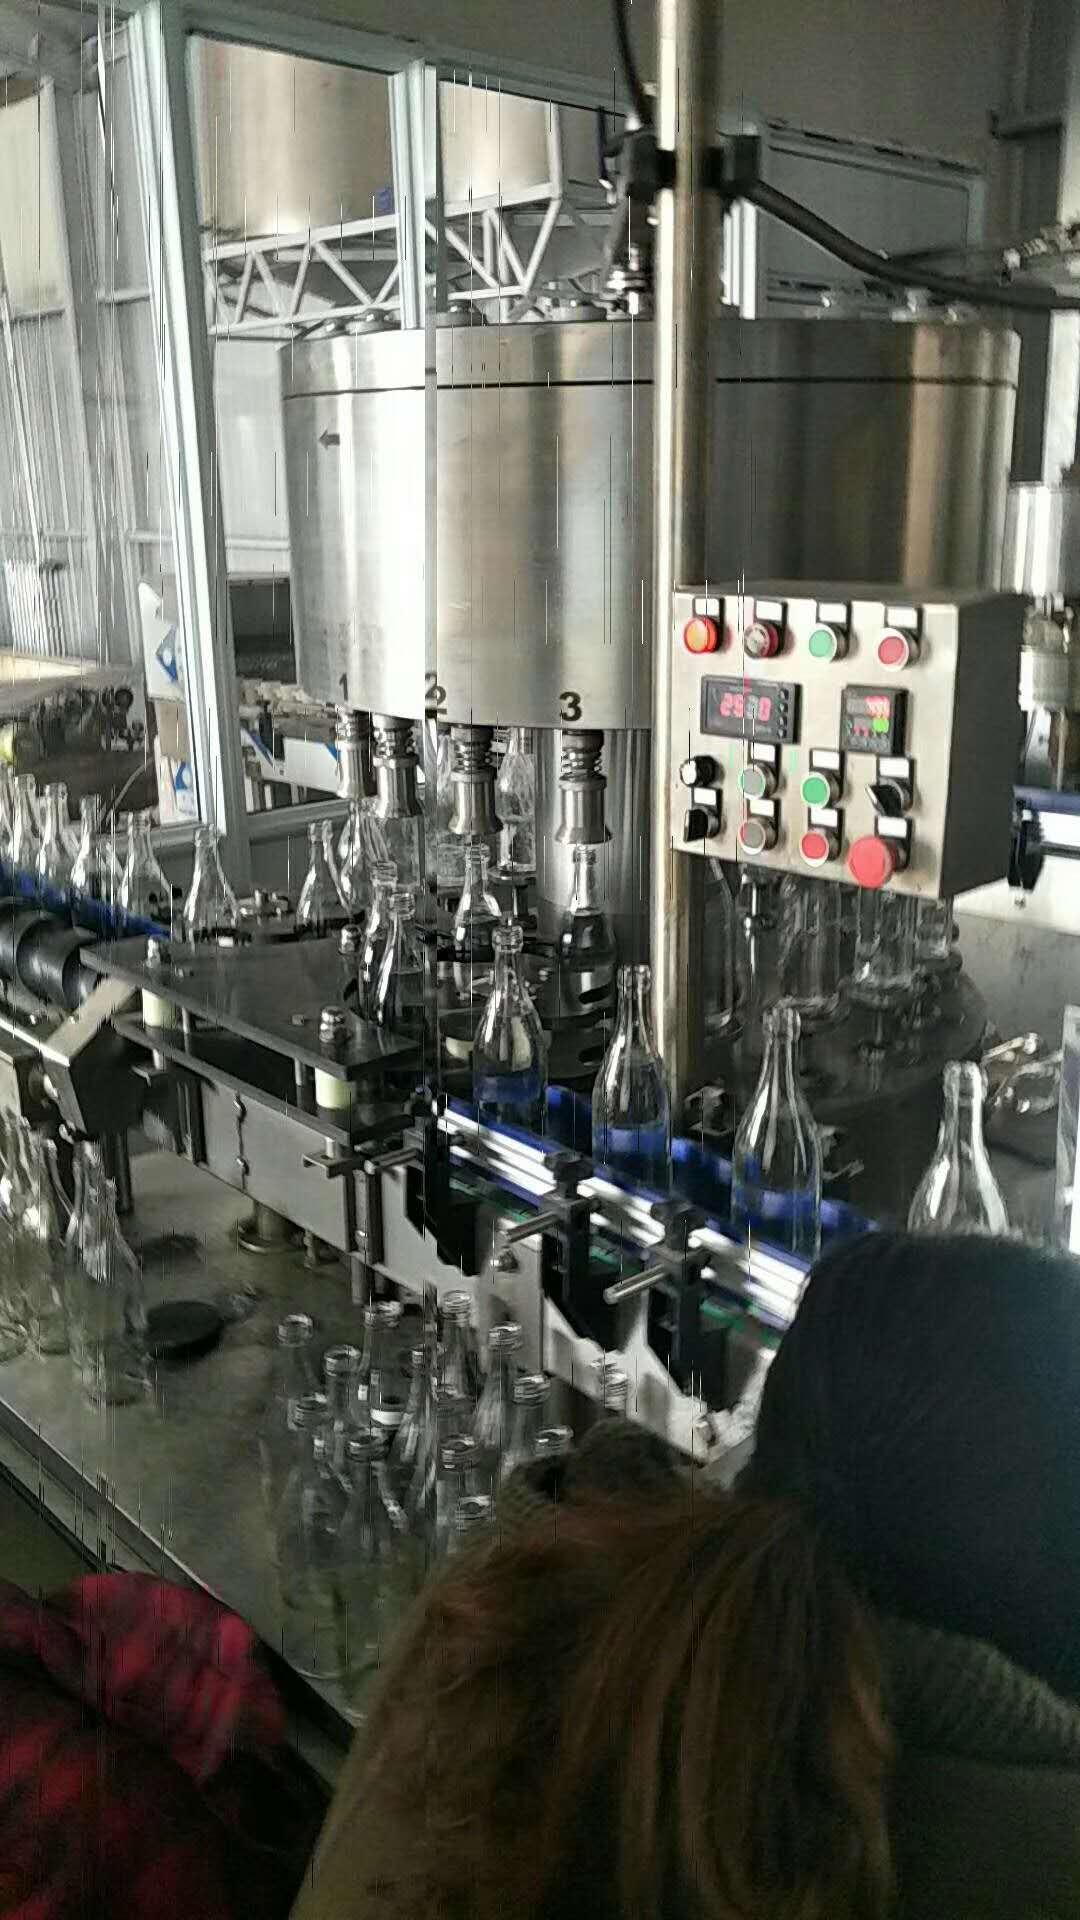 农灌装机-酱类灌装机械-小瓶水灌装机械